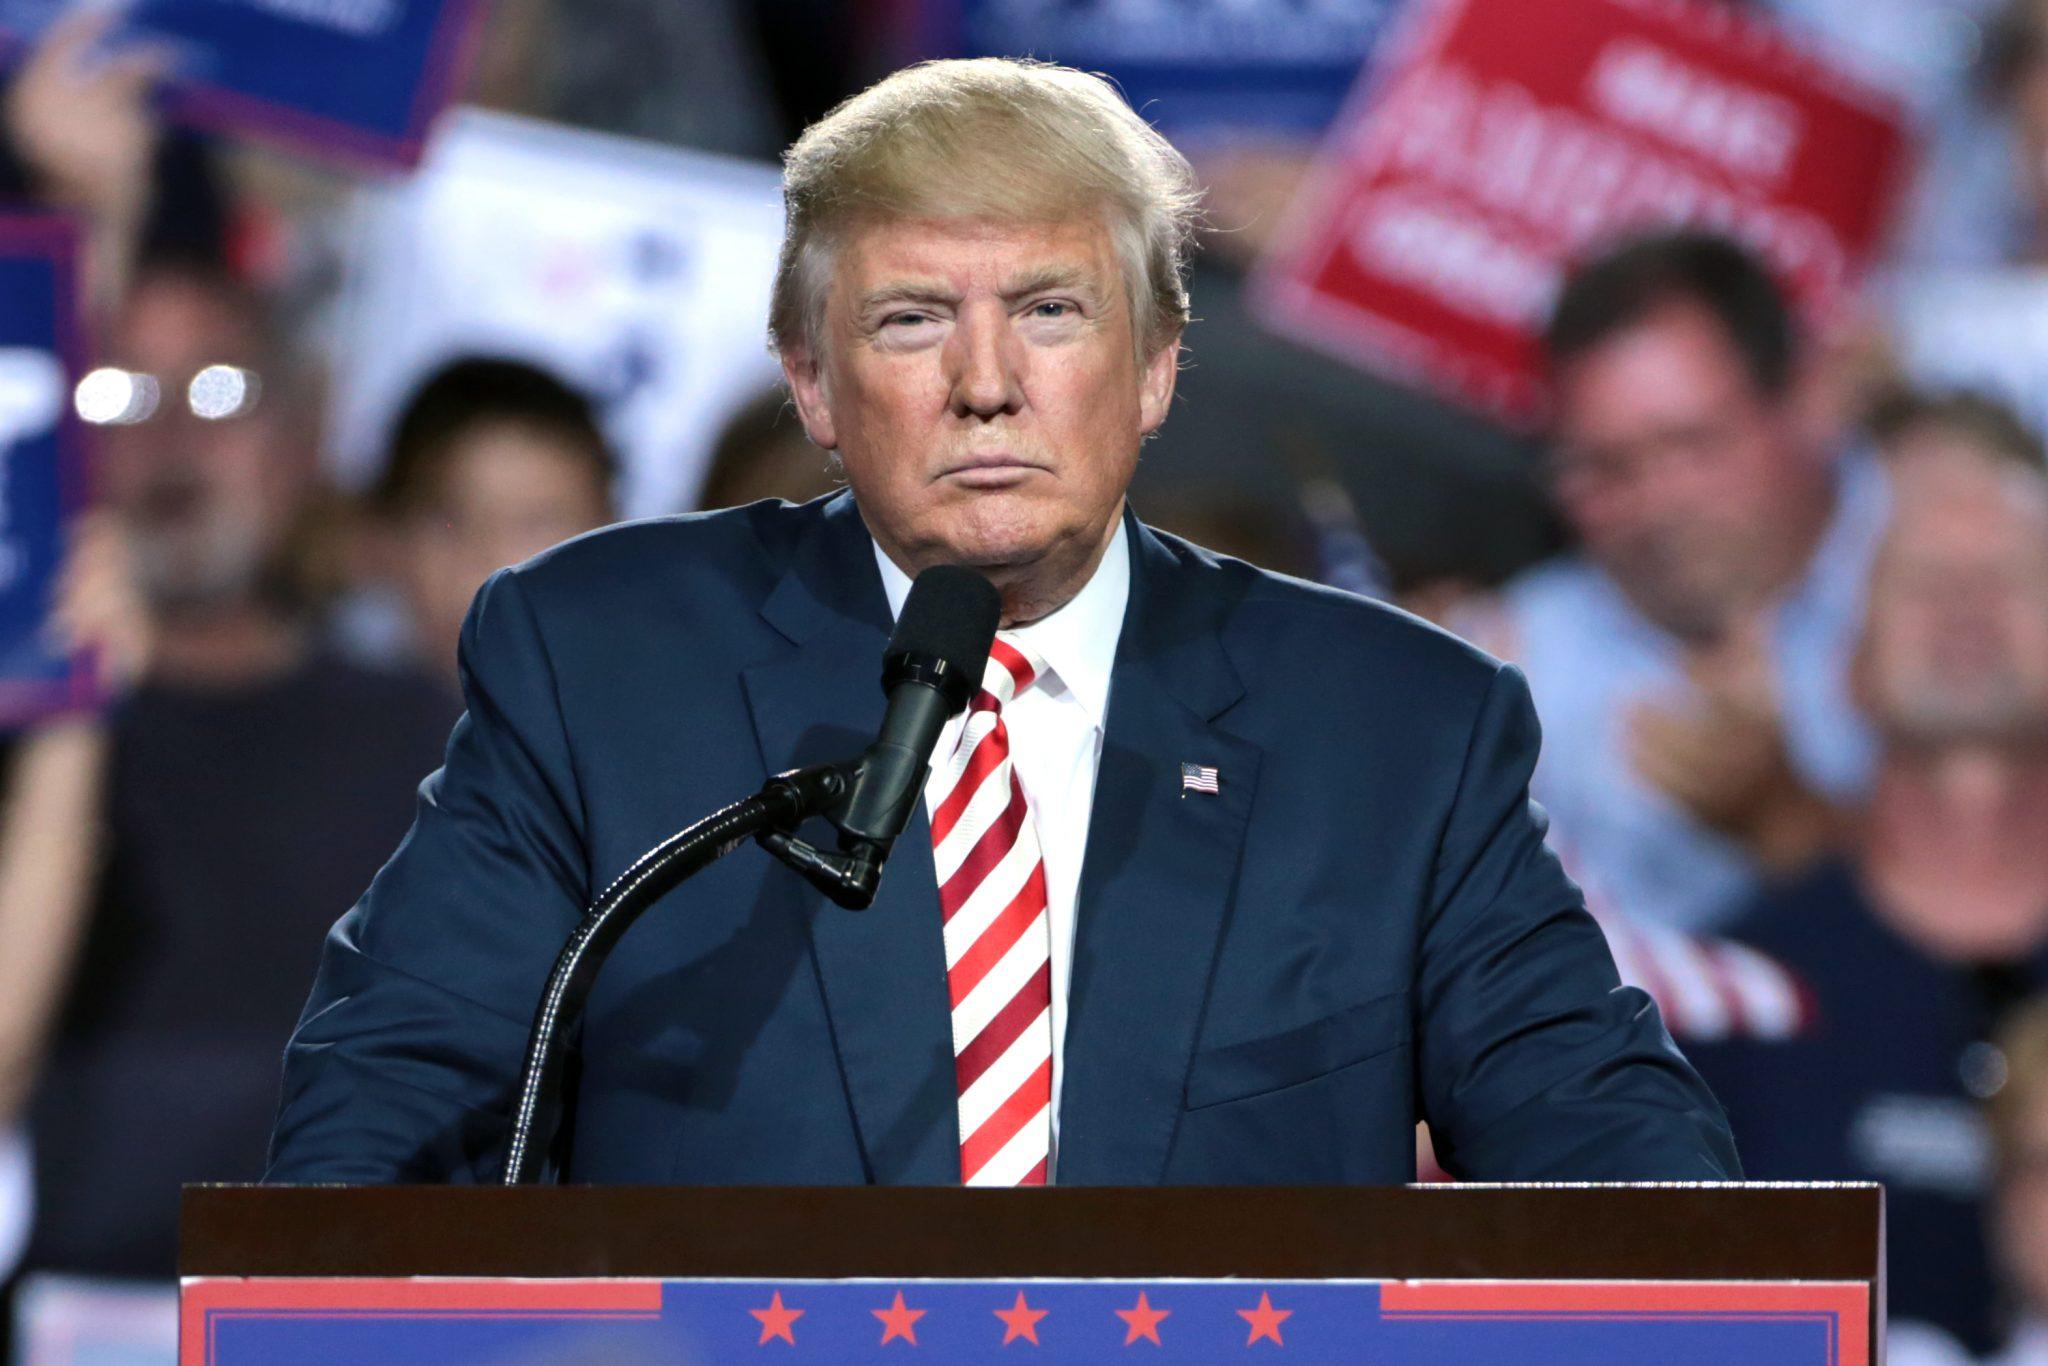 Donald Trump nu va face compromisuri în ceea ce priveşte zidul de la graniţa cu Mexic